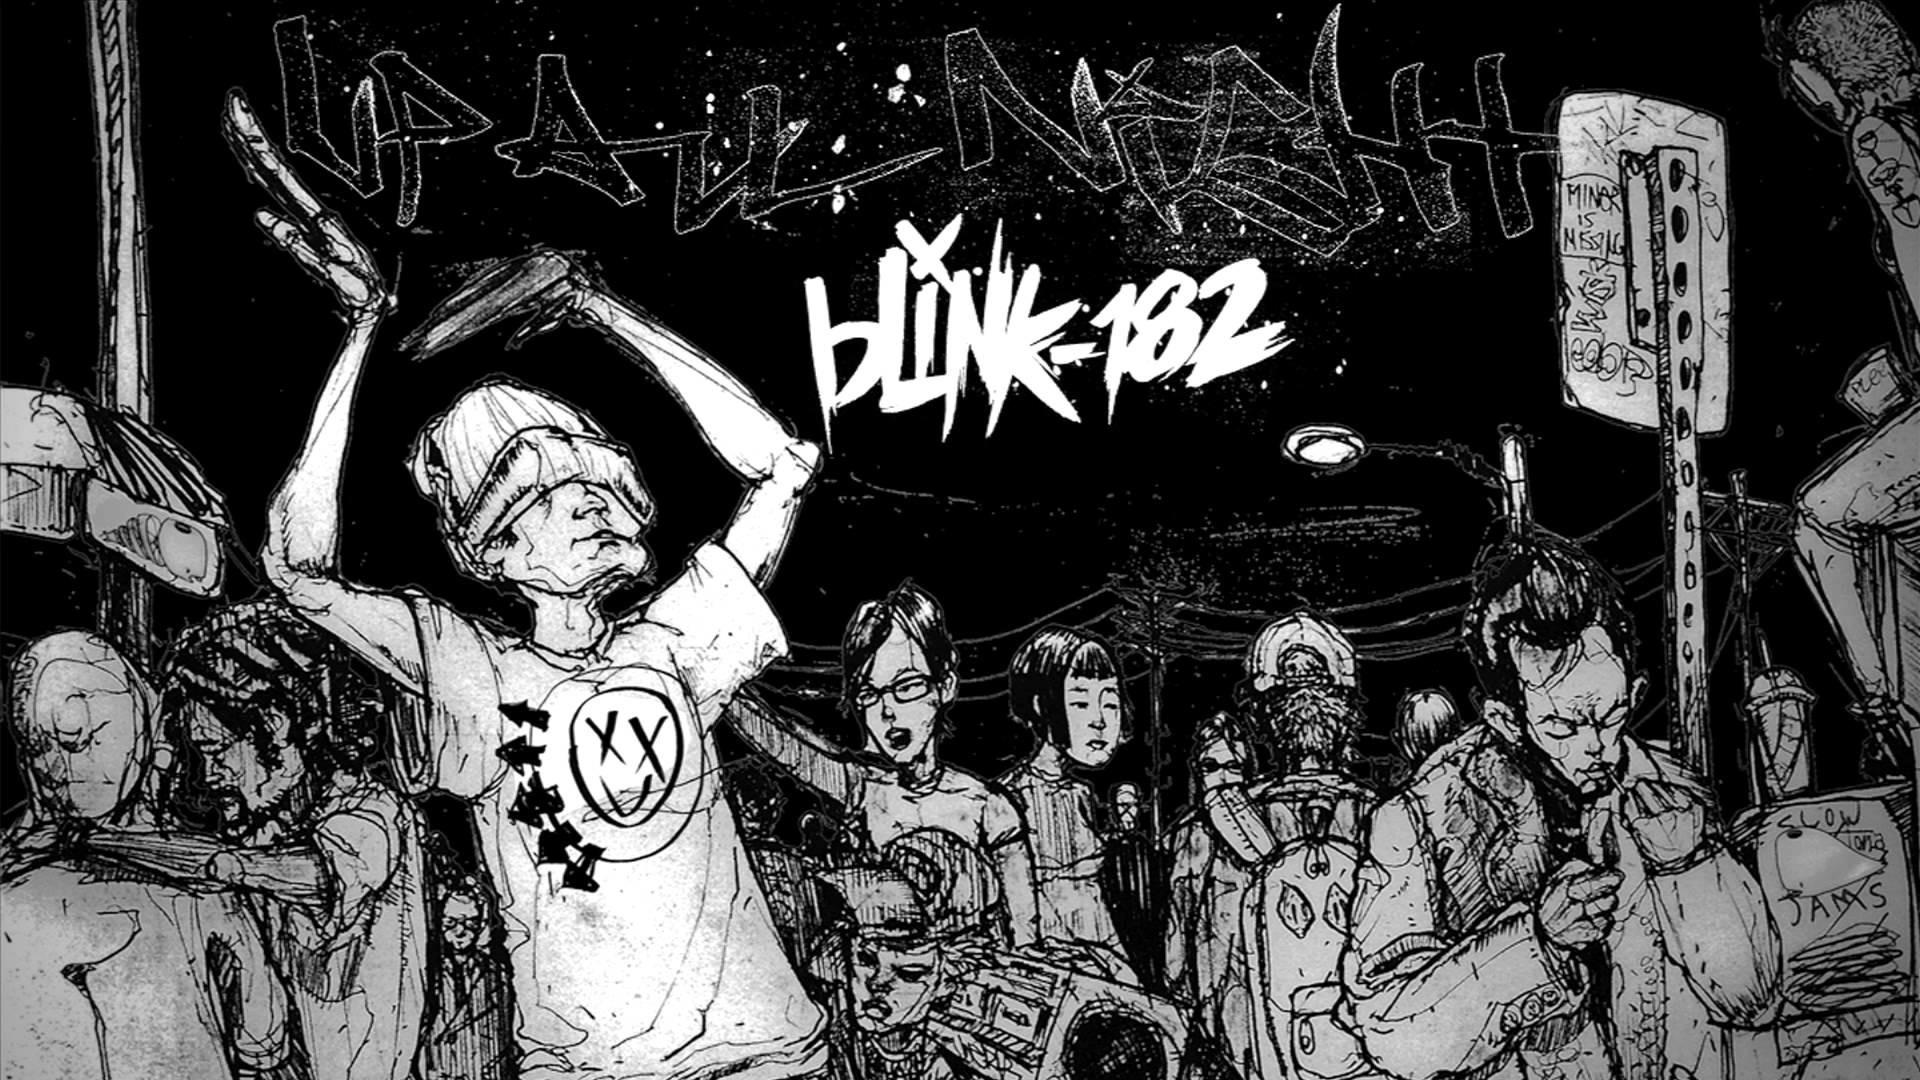 Blink 182 Logo Wallpaper - Blink 182 Up All Night - HD Wallpaper